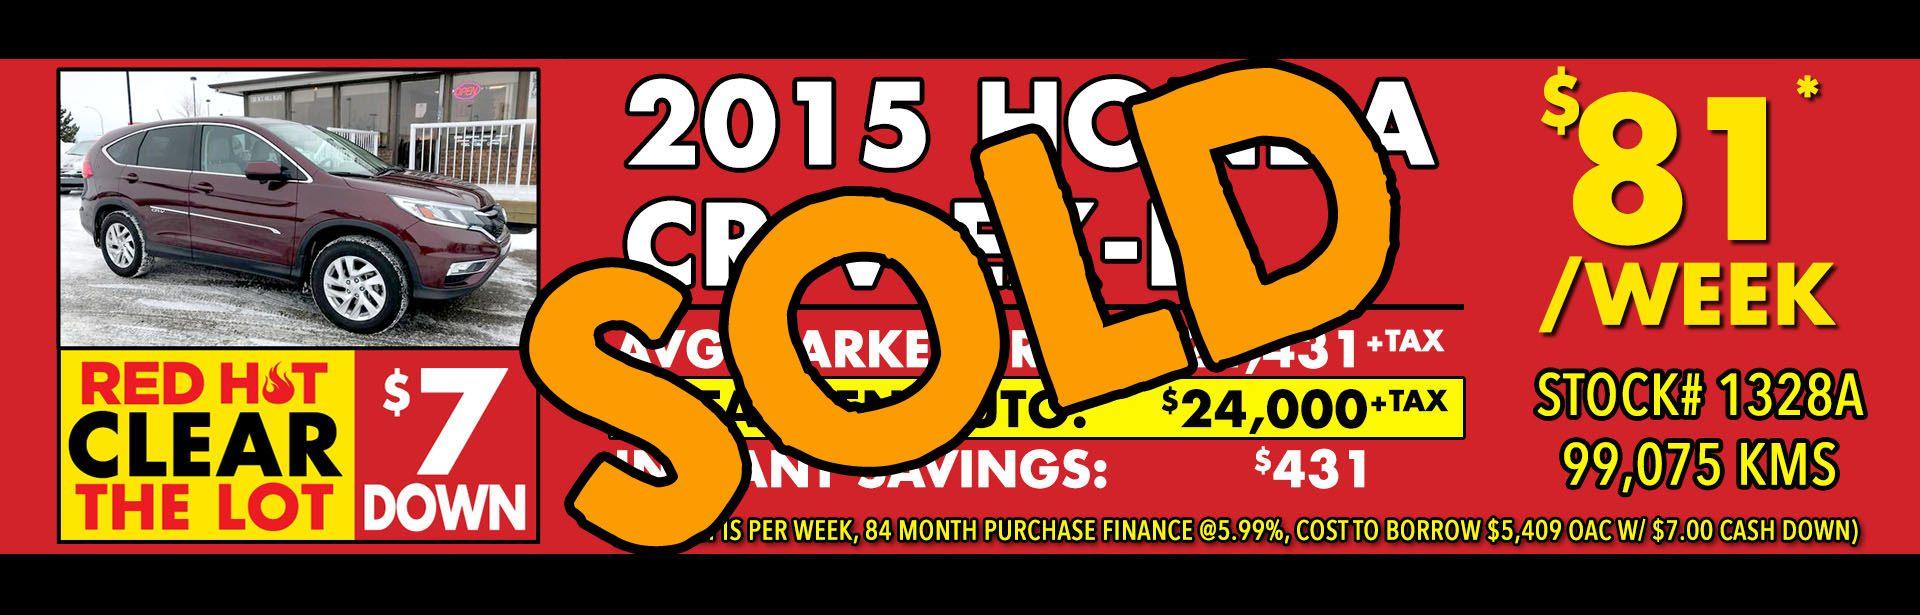 Red Hot - 1328A - 2015 Honda CR-V EX-L - Mar 2018 - Sold